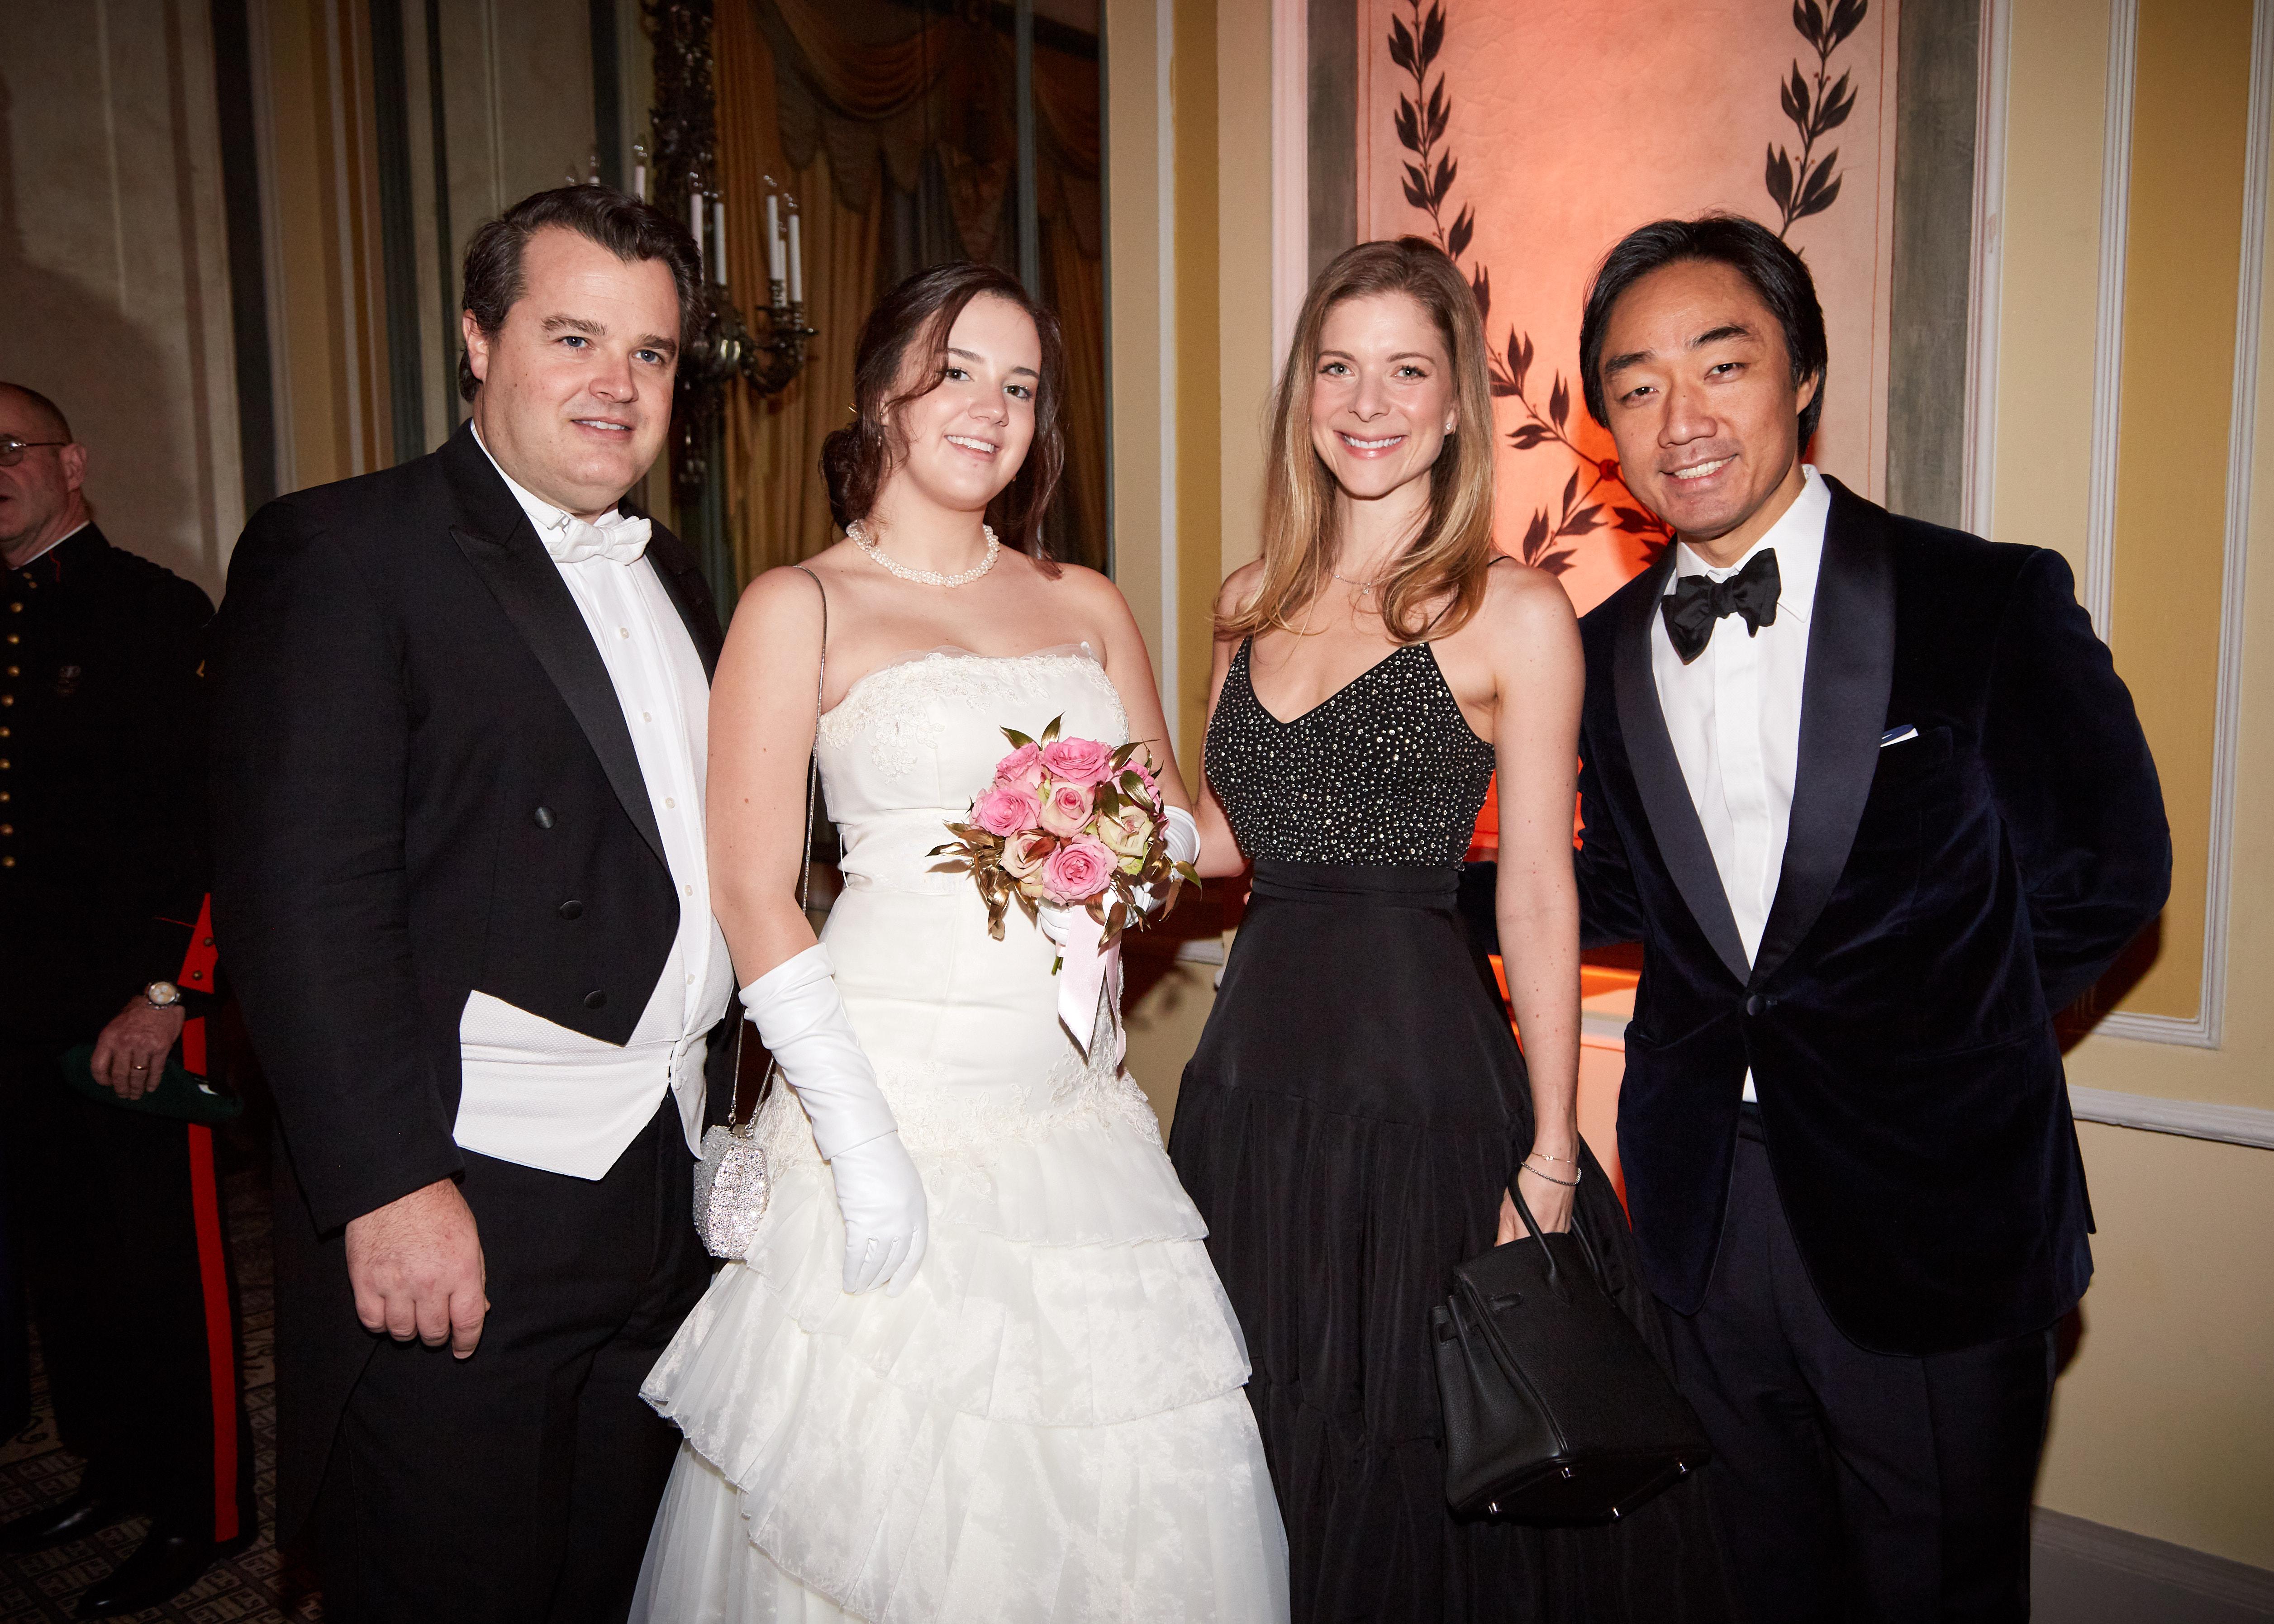 Phillip Escaravage, Adelaide Escaravage & Carolina and Soo Kim